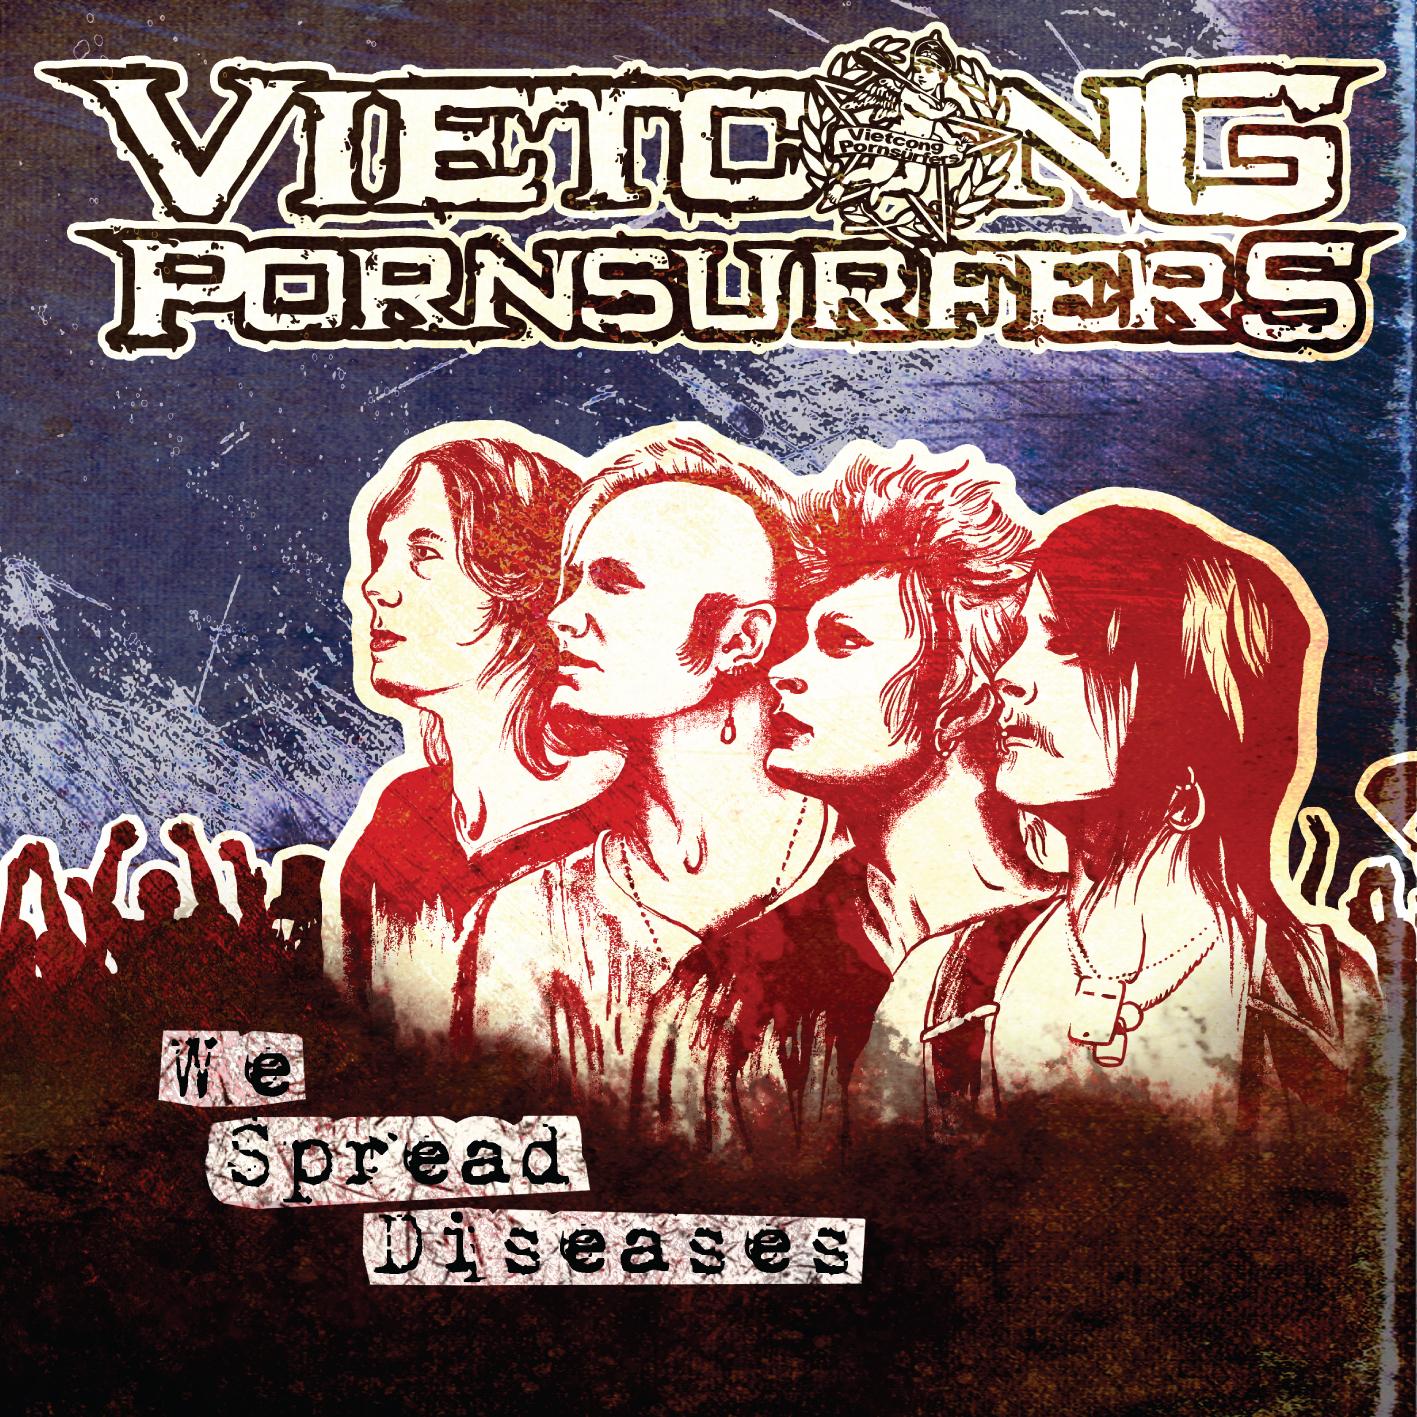 Nuovo album e tour per i Vietcong Pornsurfers